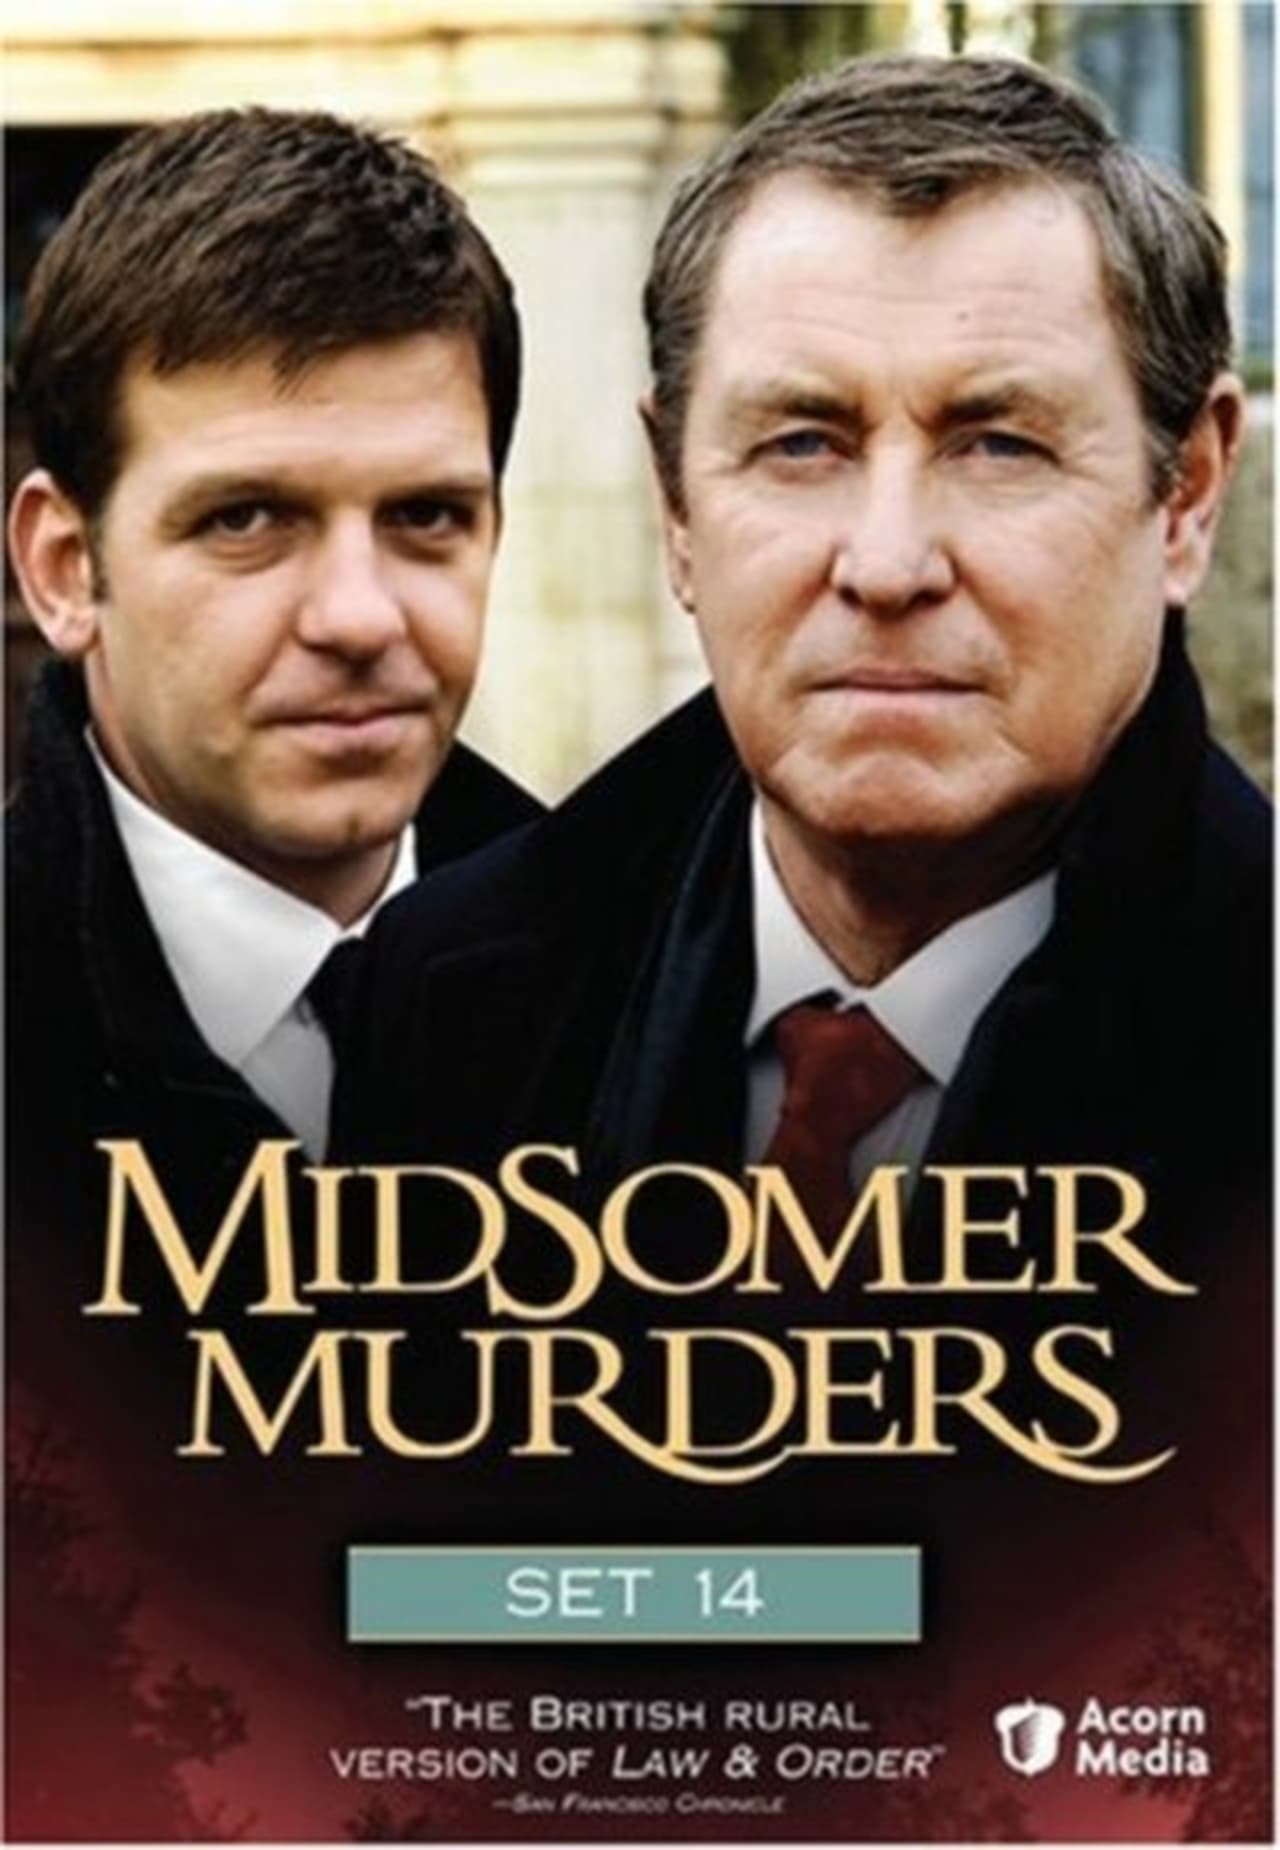 Midsomer Murders Season 14 (2011) putlockers cafe